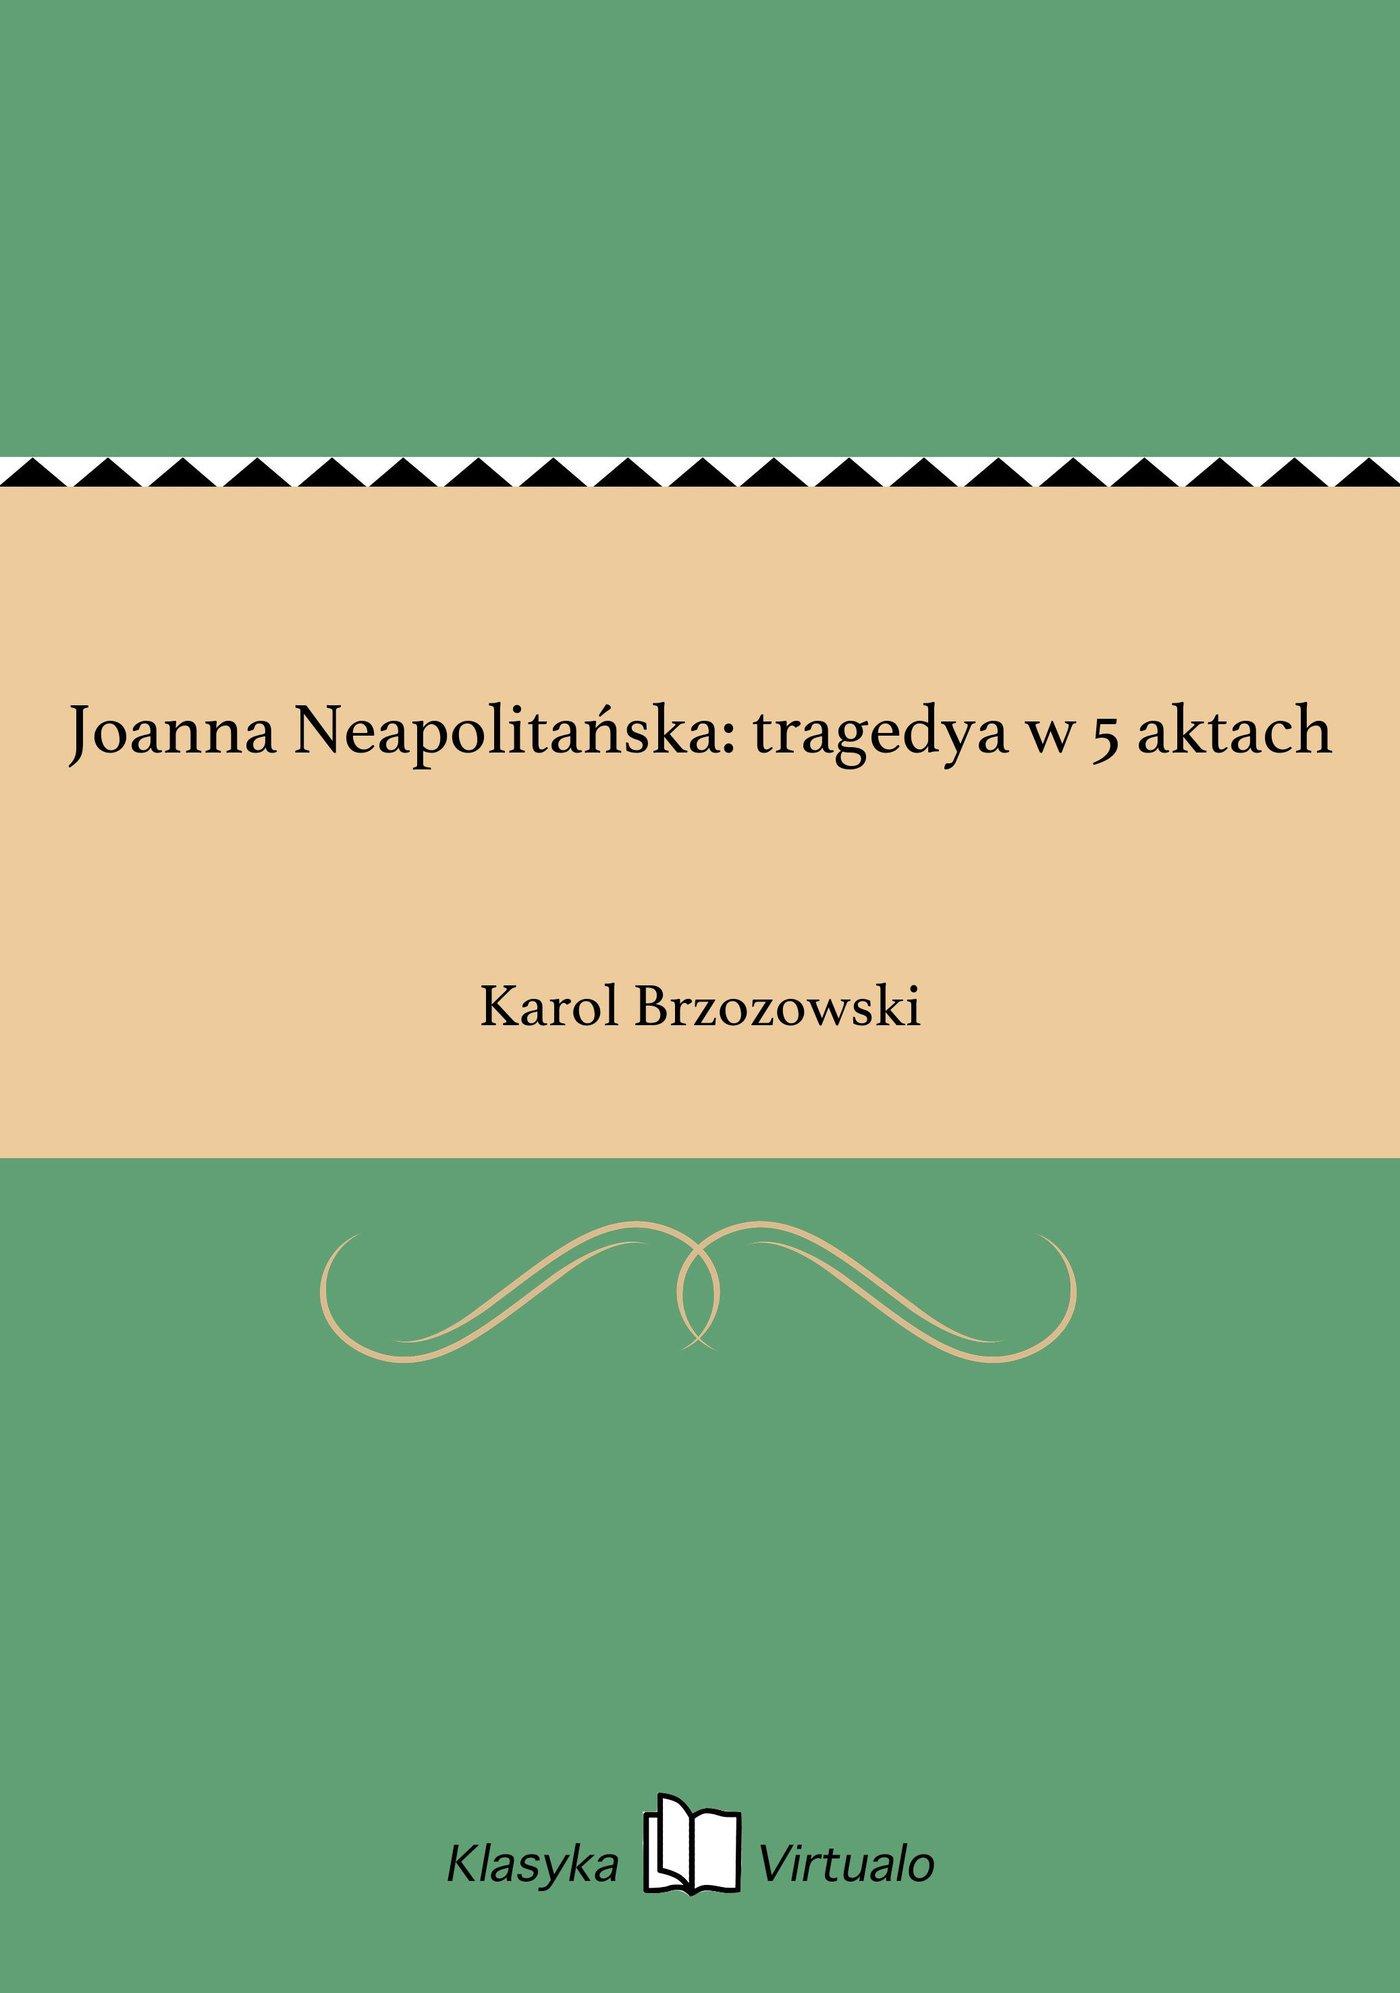 Joanna Neapolitańska: tragedya w 5 aktach - Ebook (Książka EPUB) do pobrania w formacie EPUB